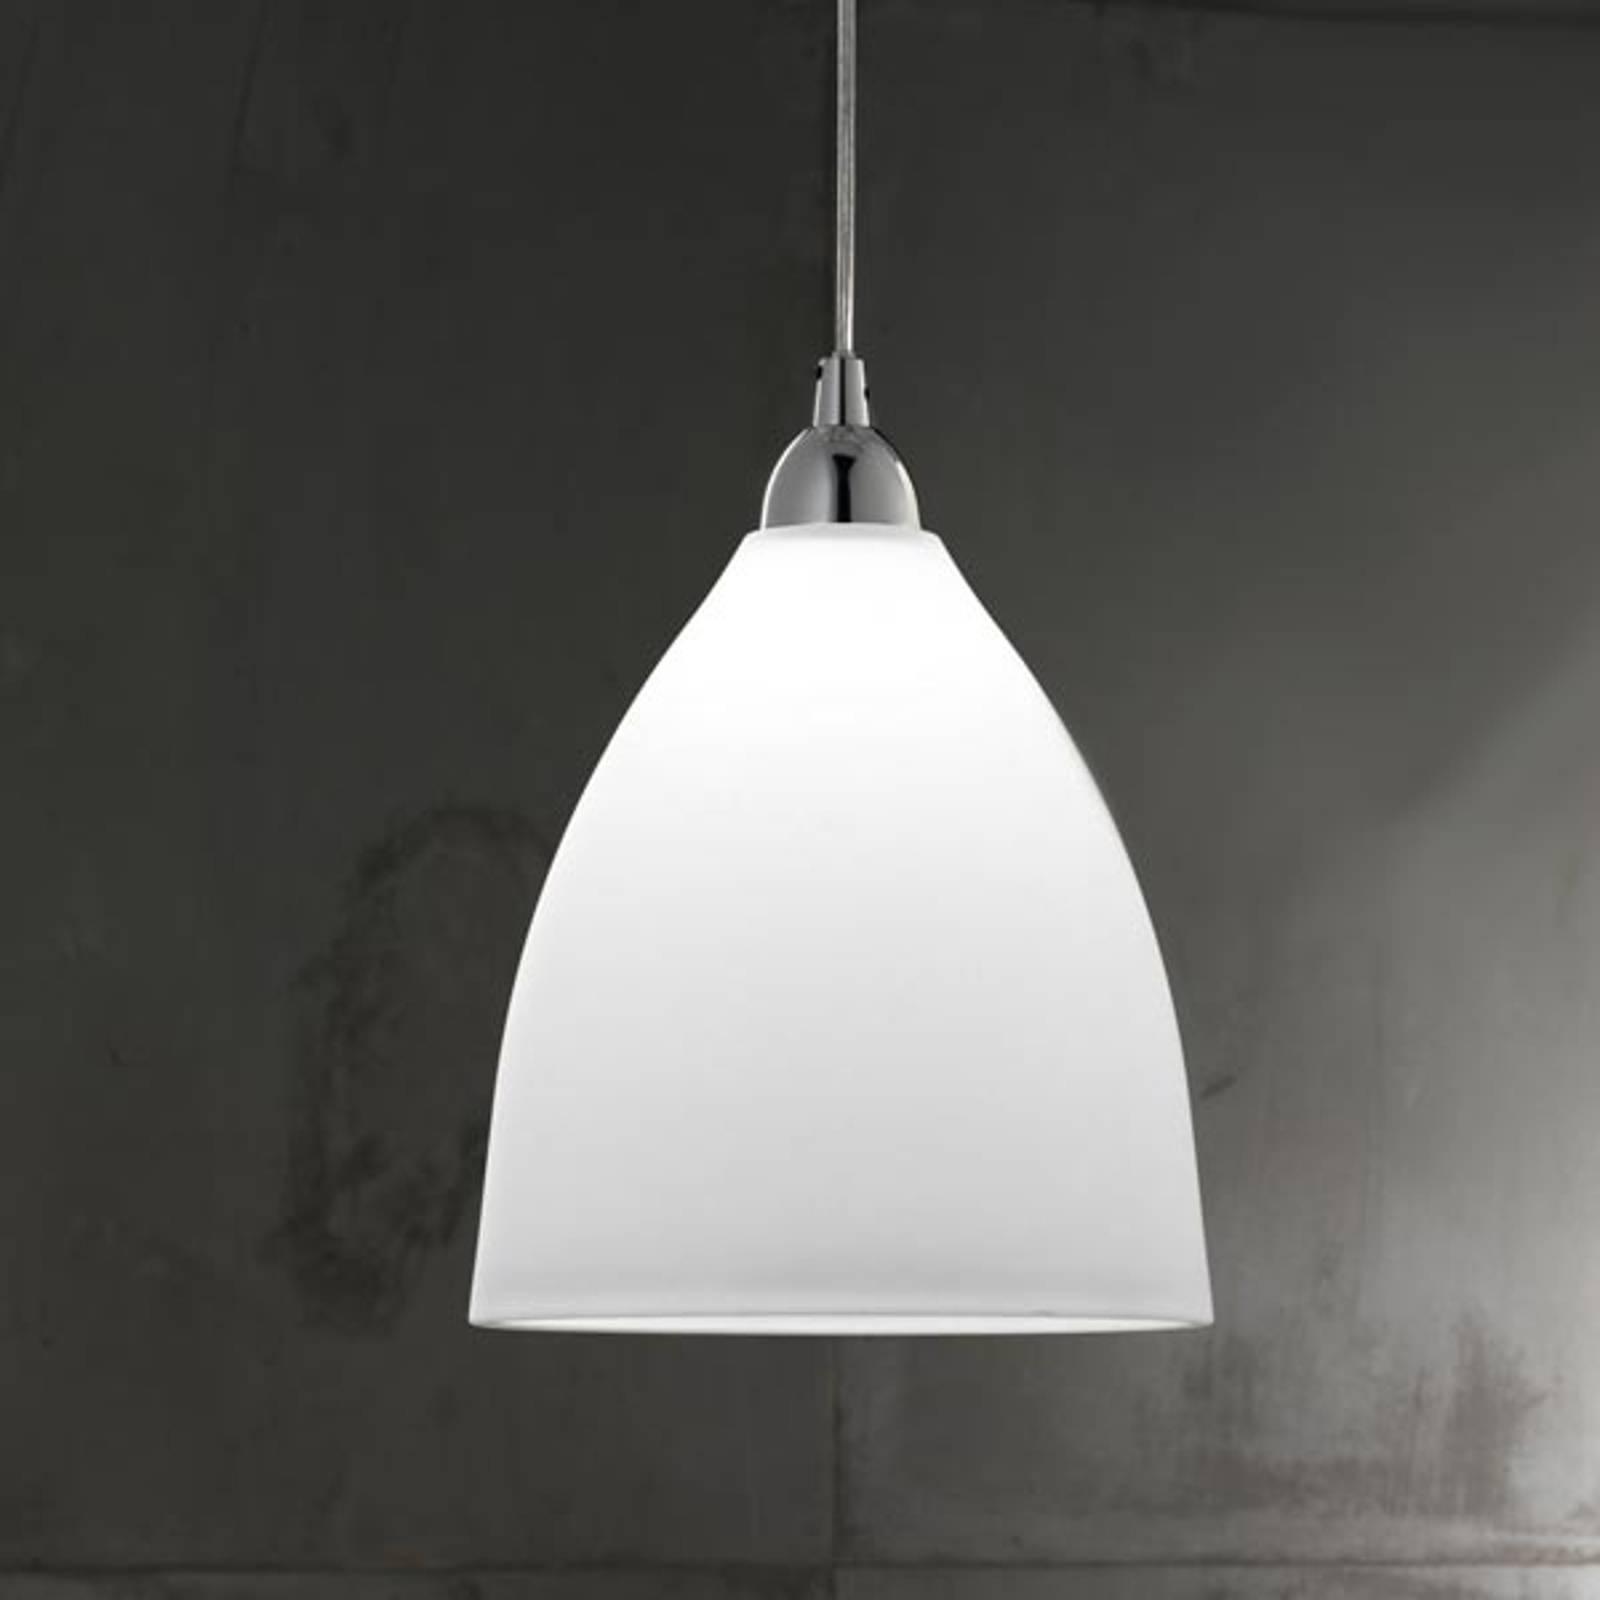 Szklana lampa wisząca PROVENZA, 27 cm, biała